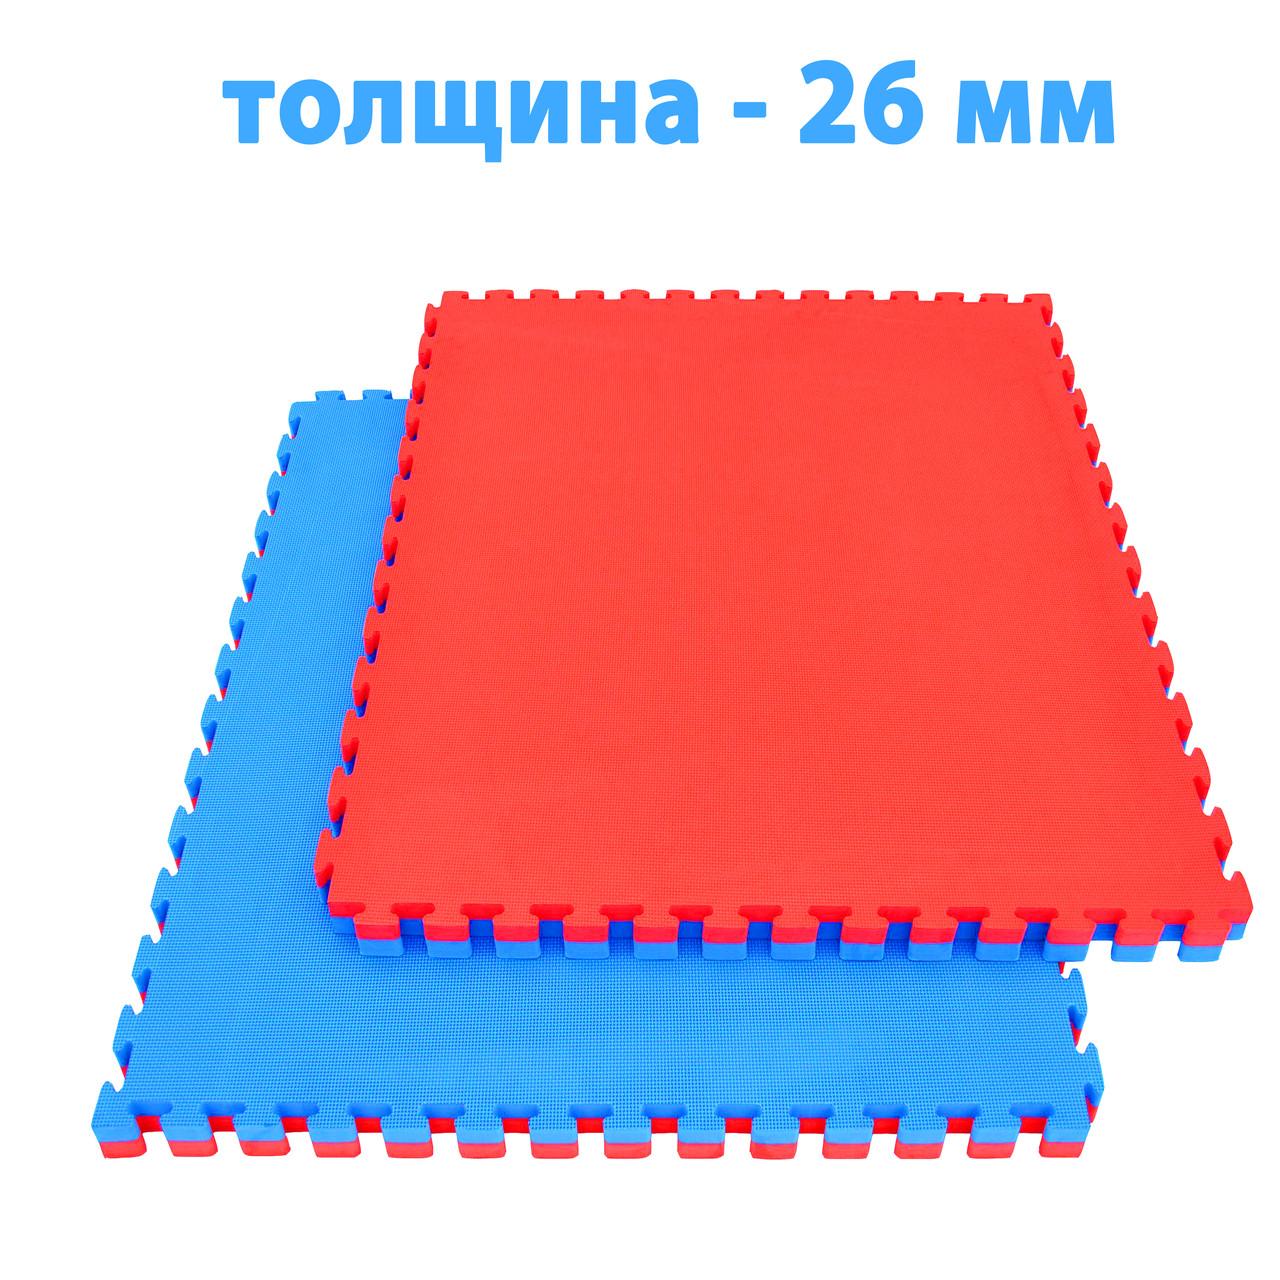 Спортивний мат (ТАТАМІ) 26 мм EVA (Туреччина), червоно-синій